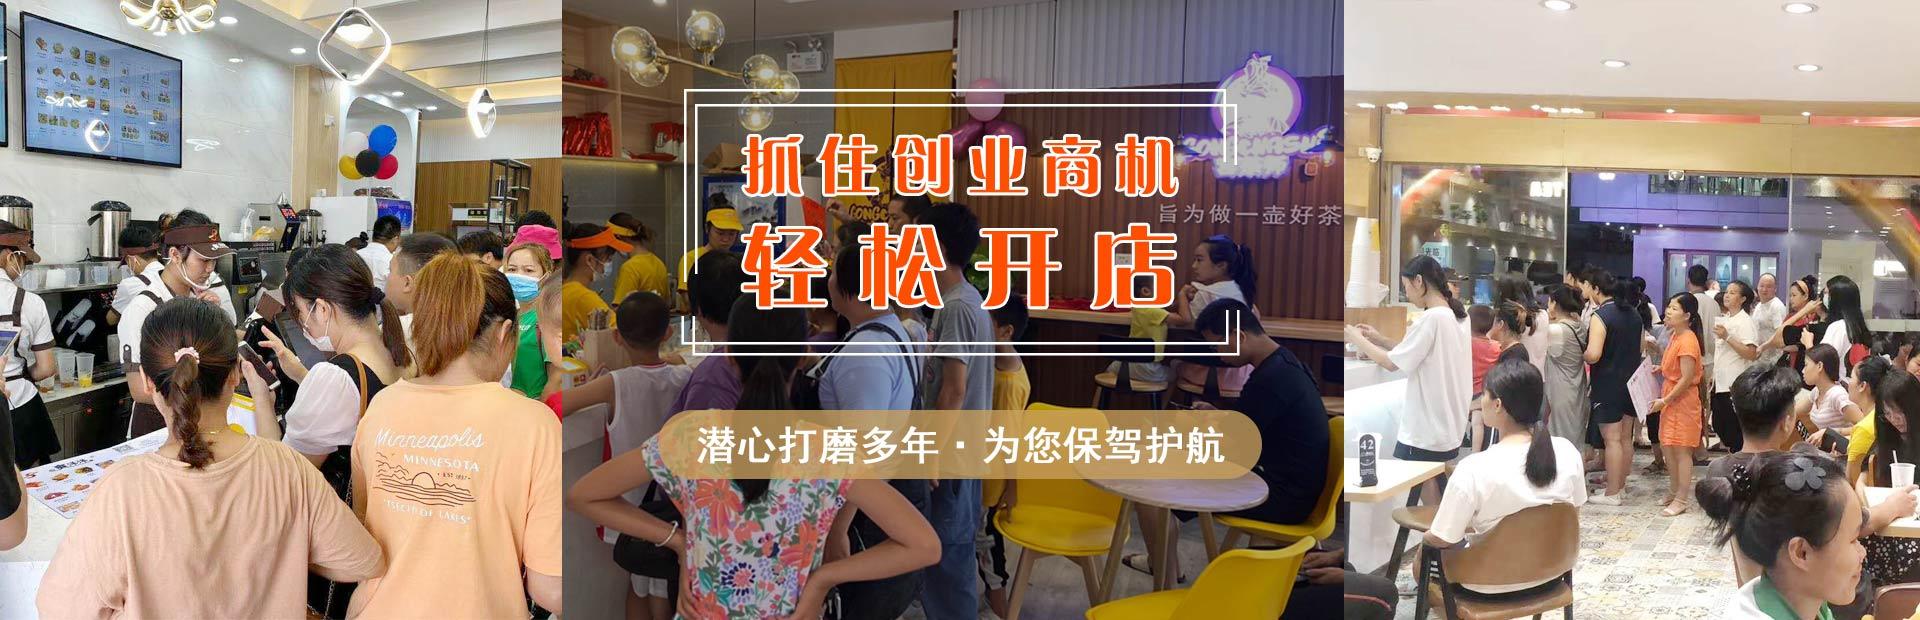 深圳奶茶培训学校哪家好?